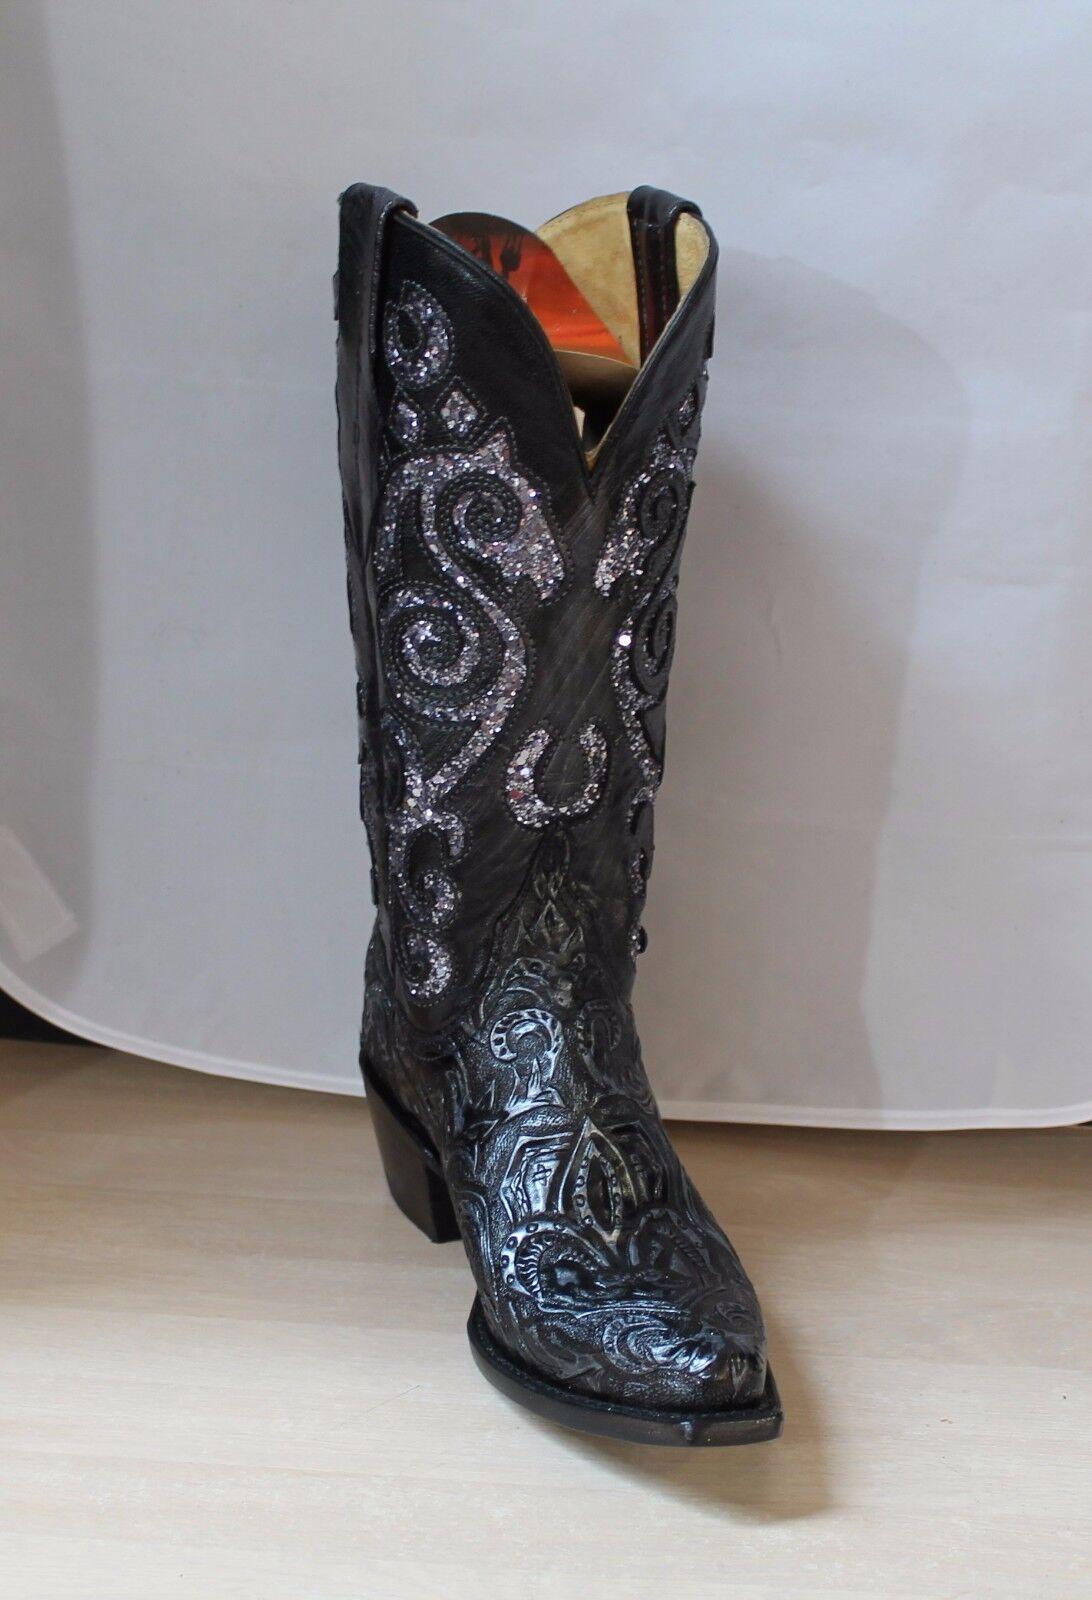 Cowgirl botas Ferrini Ferrini Ferrini Damas En Relieve, Negro y Plata botas, artículo  81861040B  Ahorre 35% - 70% de descuento